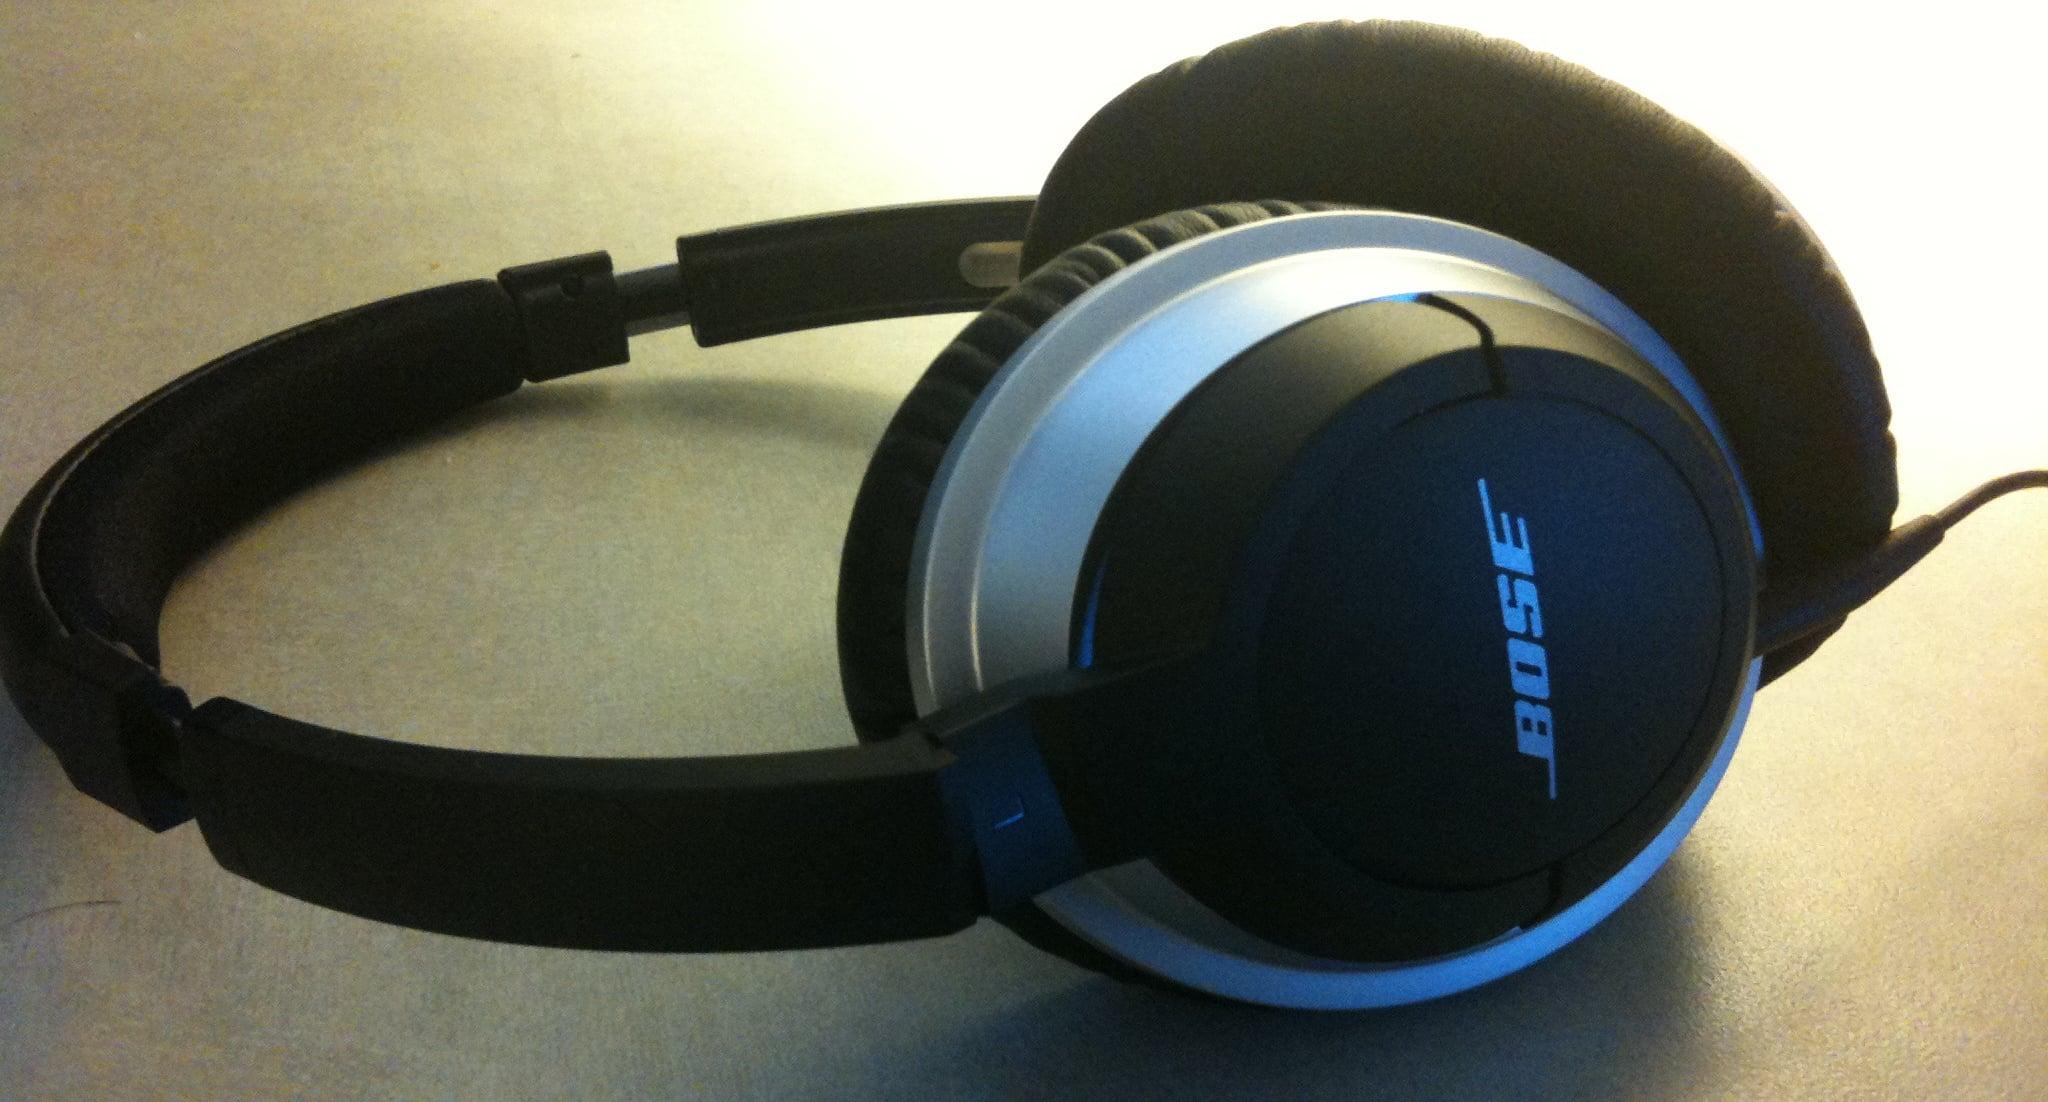 Kiedy bezprzewodowe słuchawki wiedzą o tobie na tyle dużo, że mogą sprzedawać te informacje dalej 25